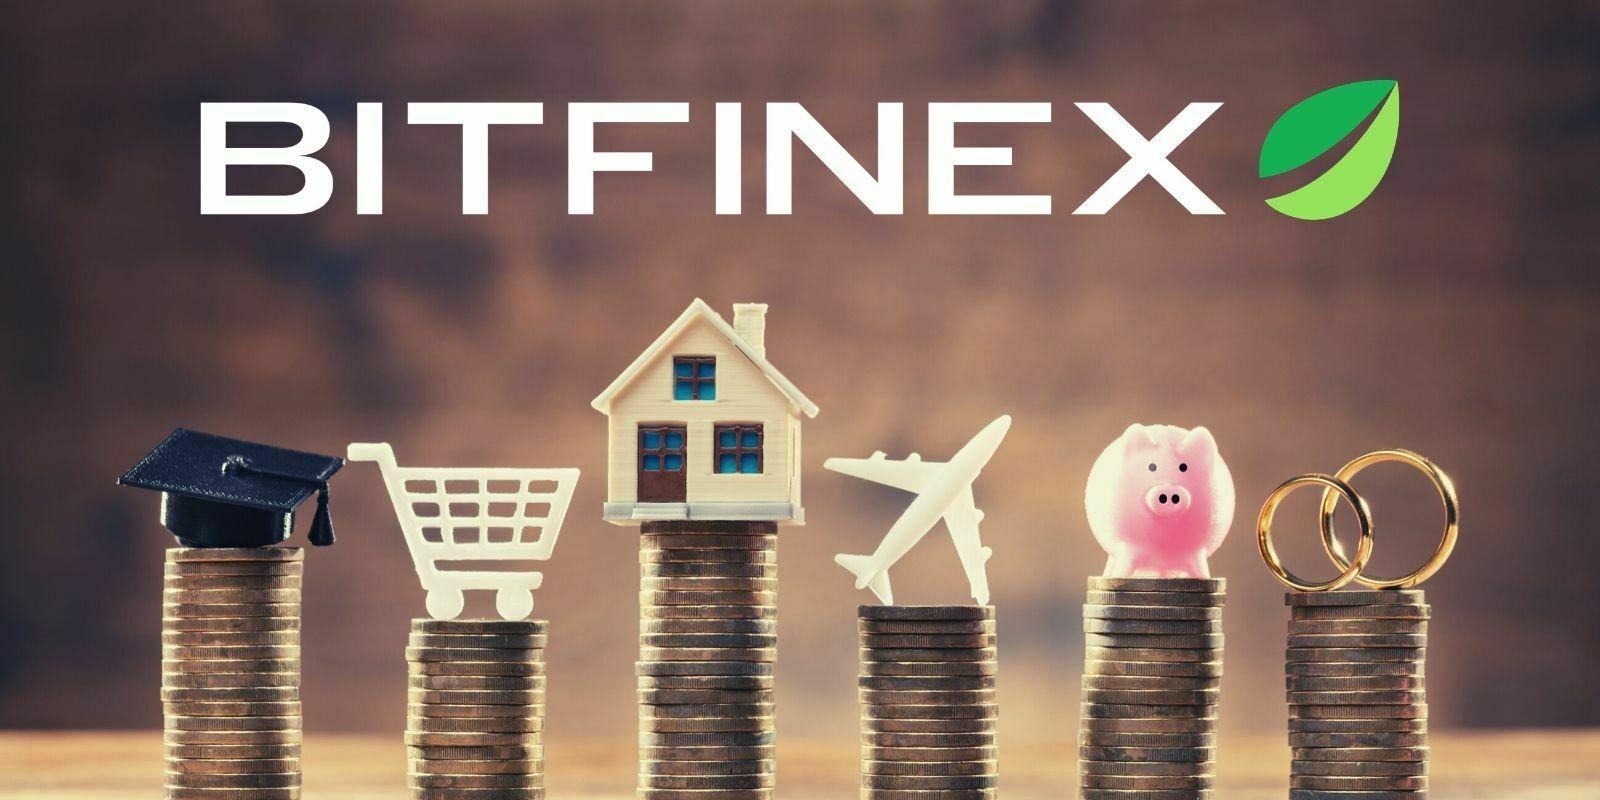 Bitfinex propose désormais des prêts en Bitcoin (BTC) et en Ether (ETH)